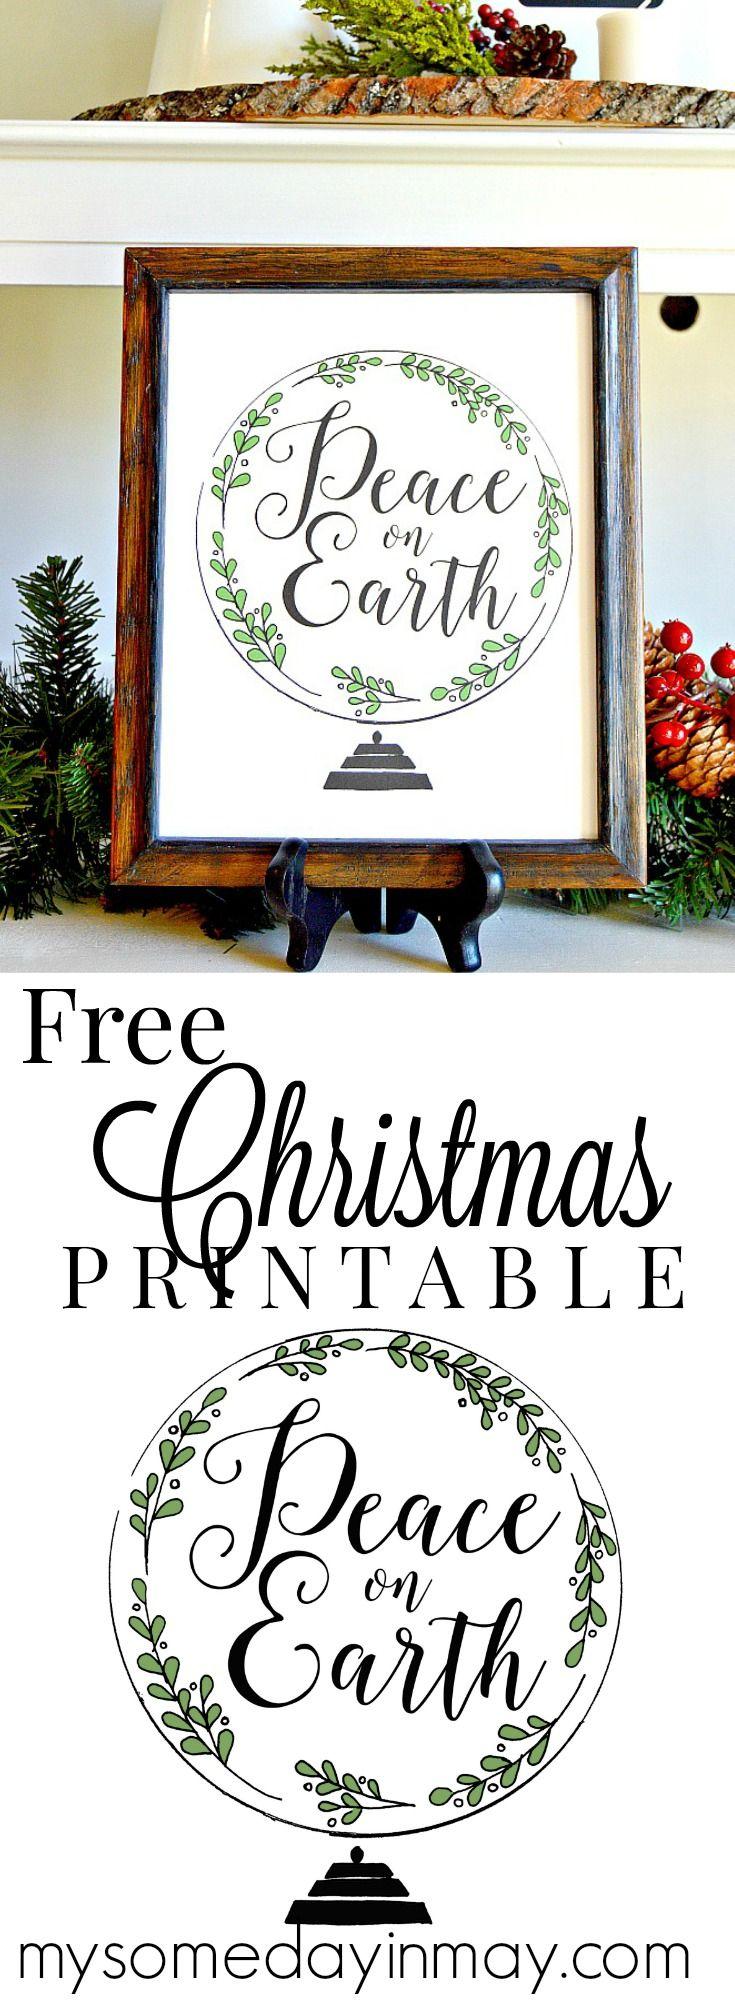 Free Christmas Printable Peace on Earth